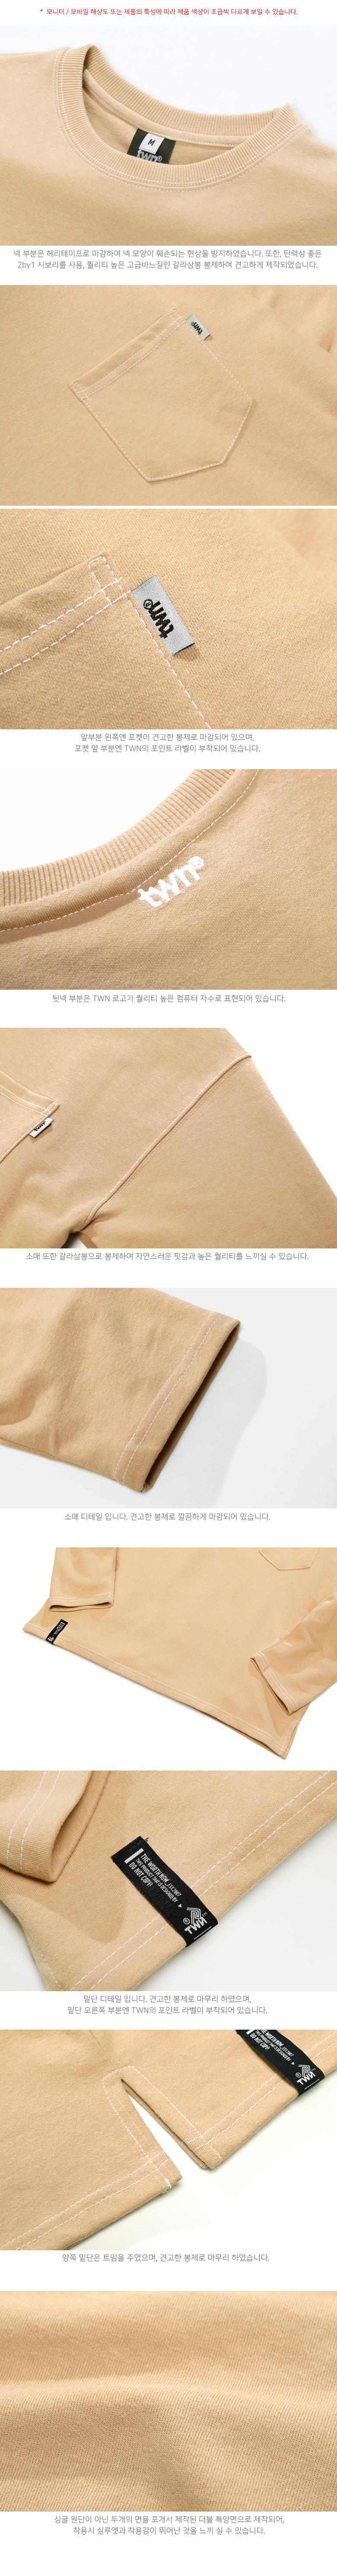 20190819_twn_pocketline_detail_beige_sh_02.jpg